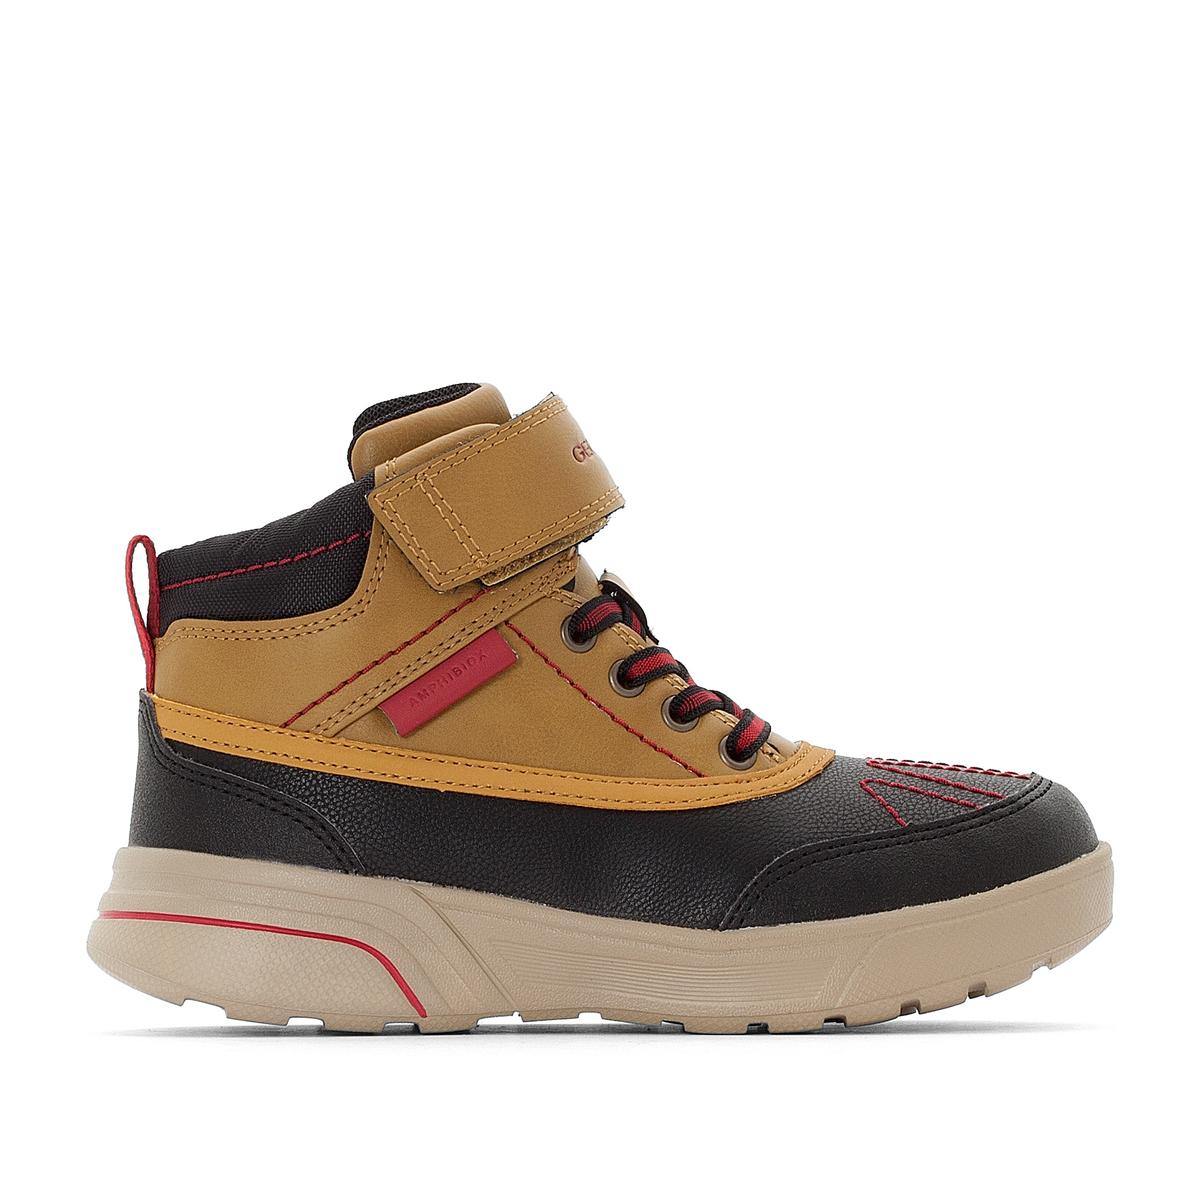 Boots J SVEGGEN BOY B ABX